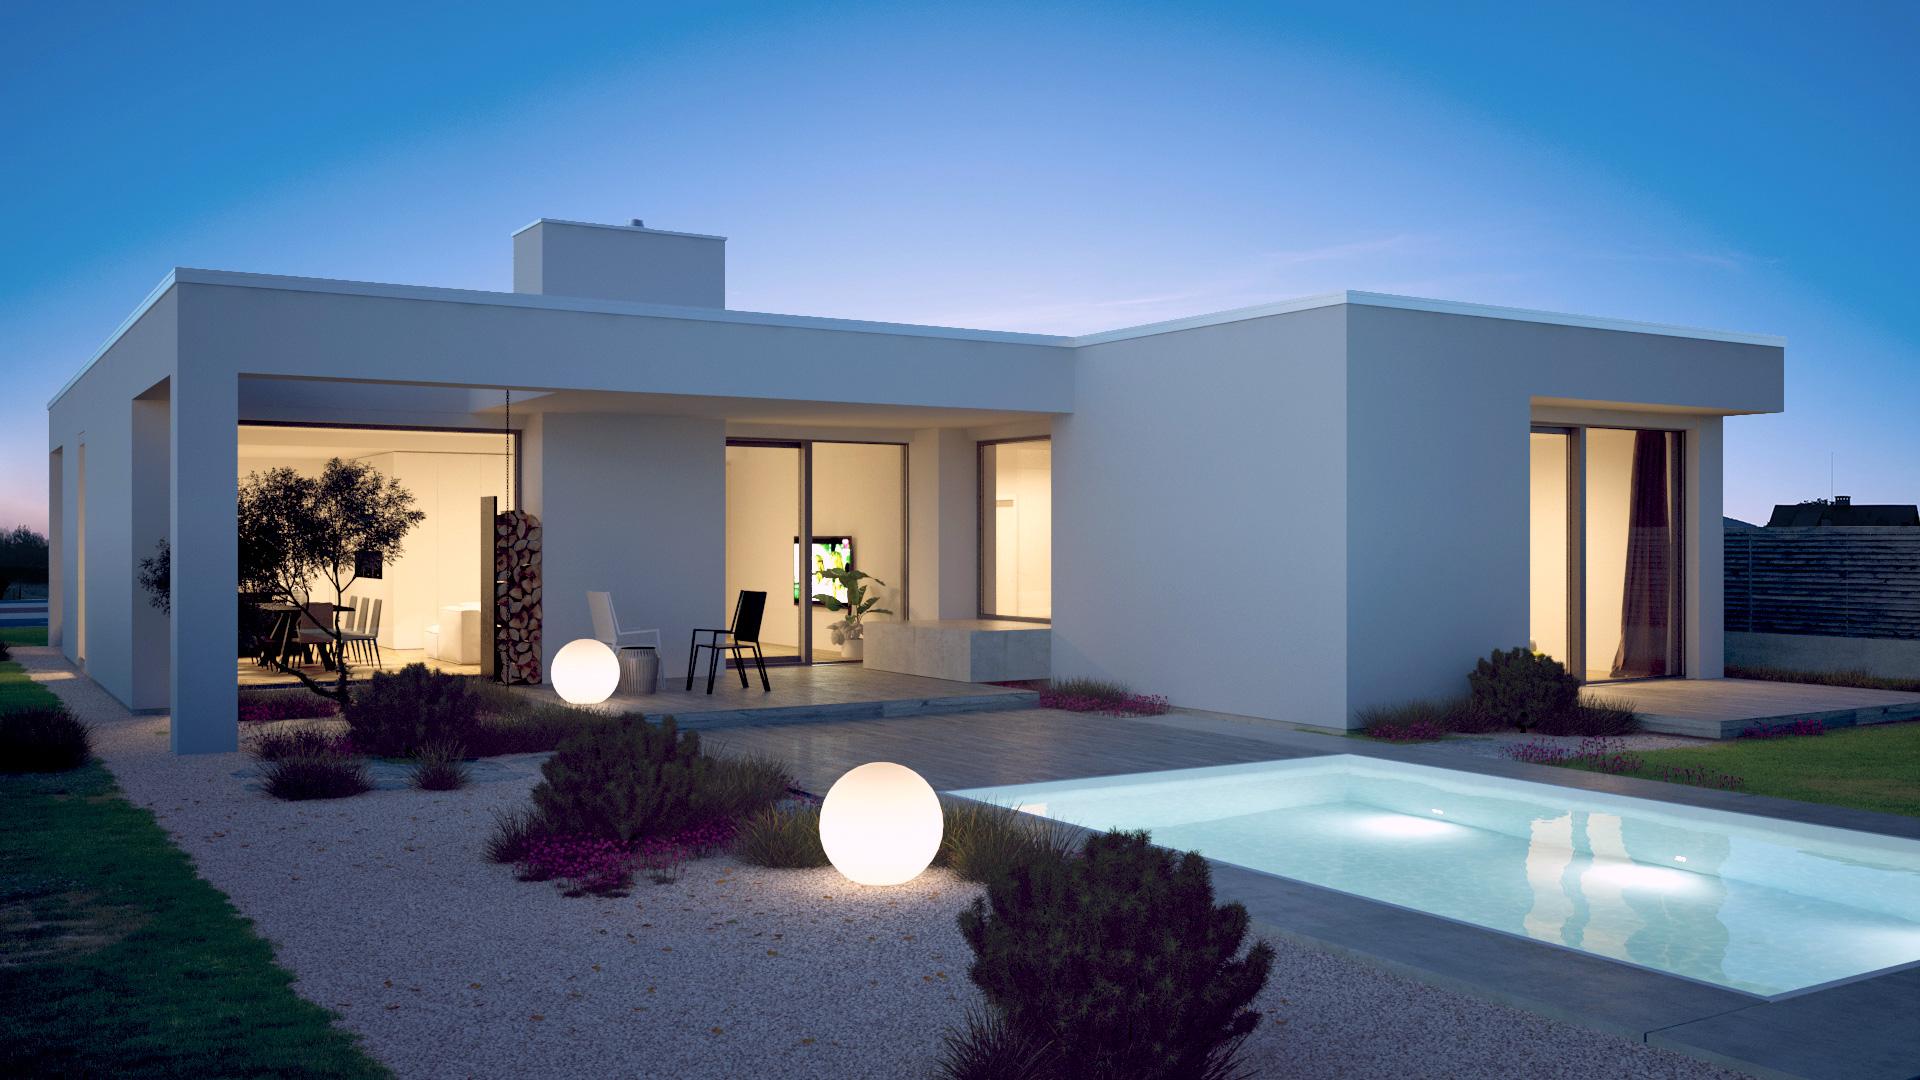 5ran - 3d vizualizace, architektura, rodinné domy, design